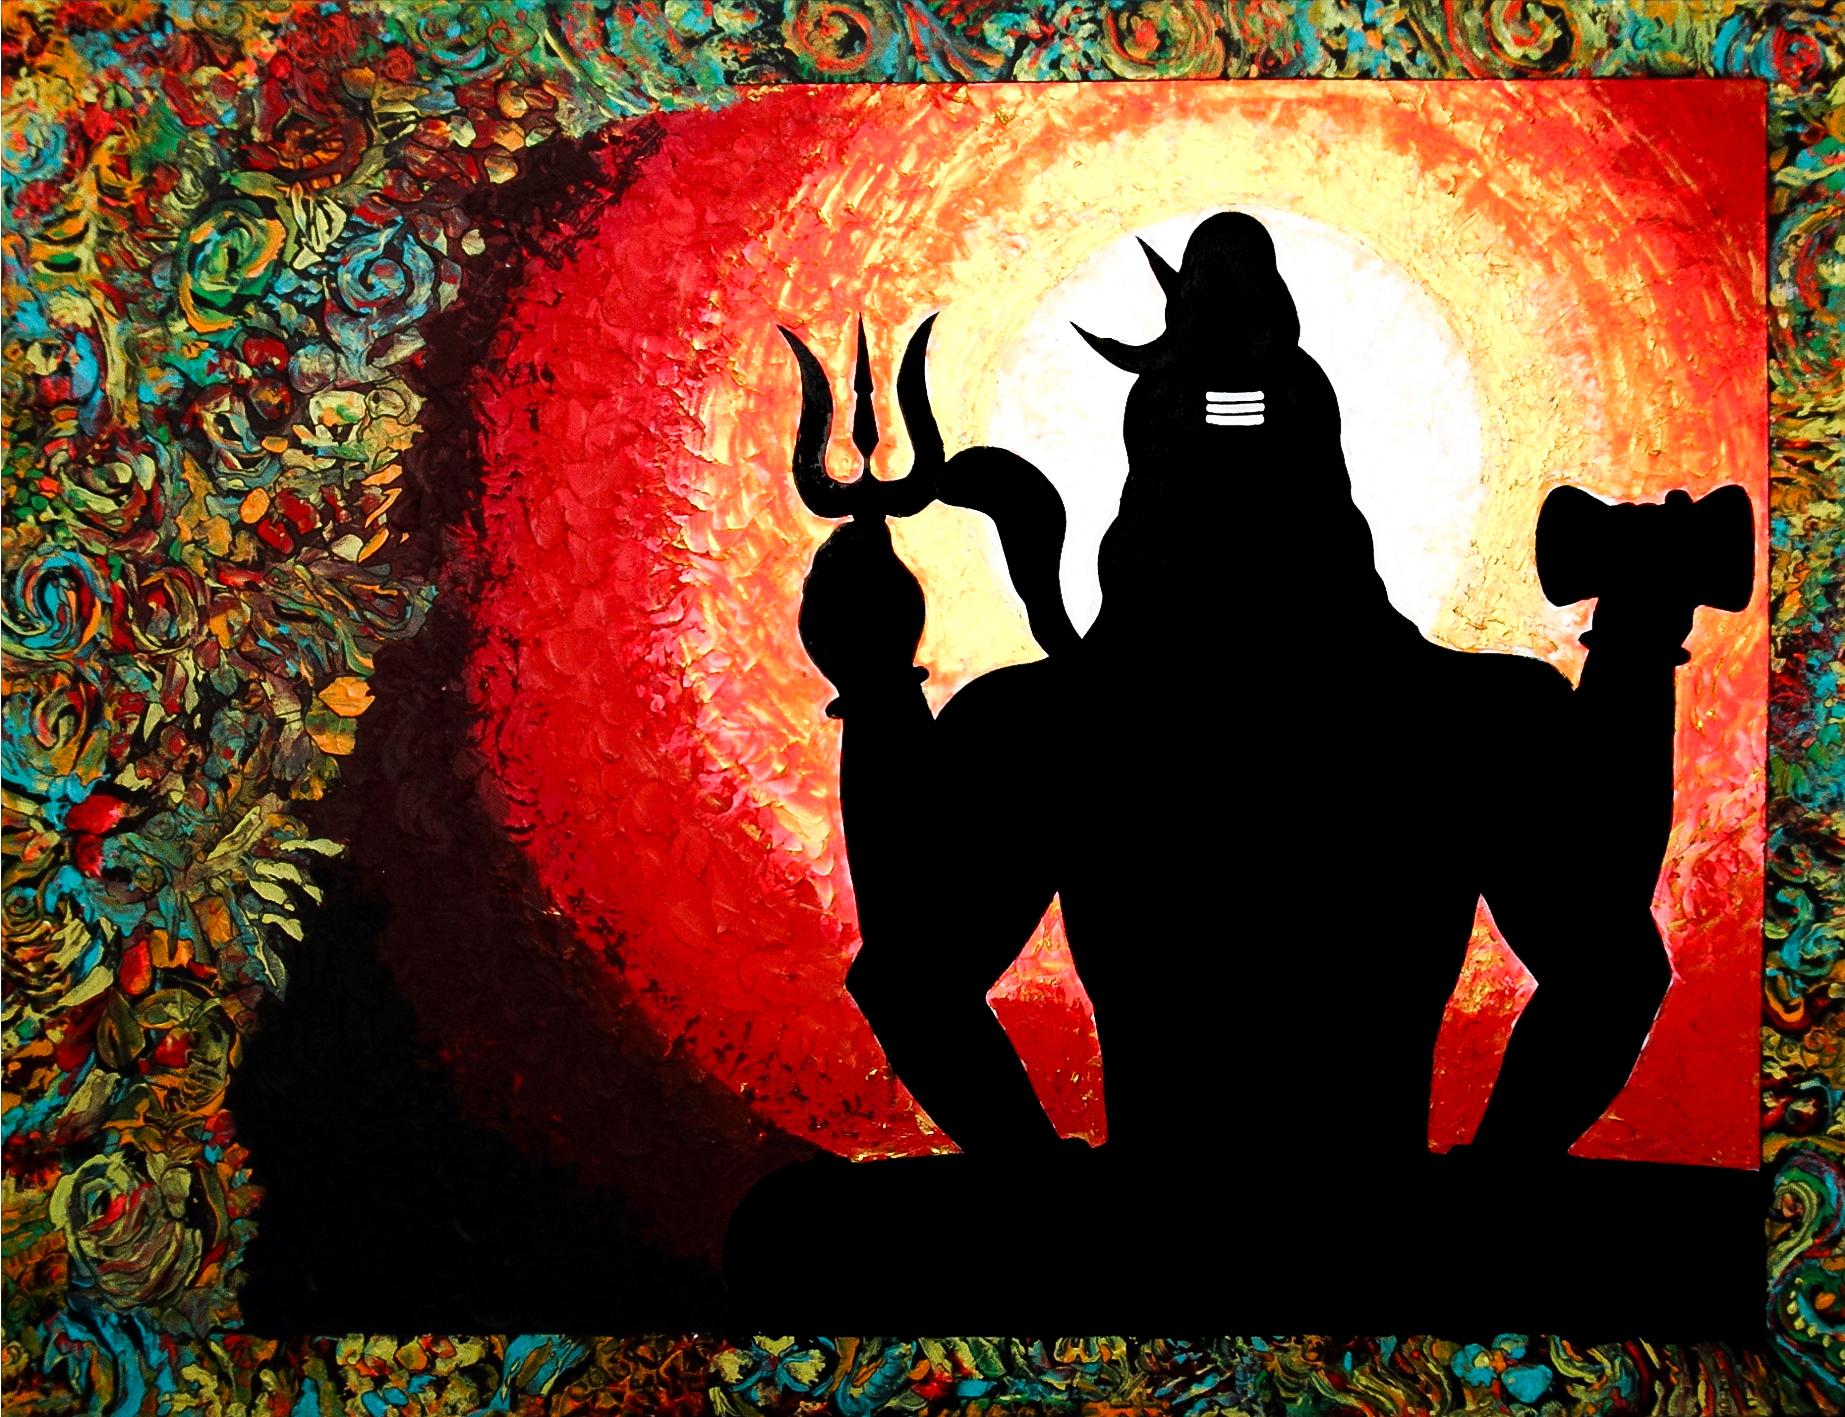 Shiva in meditation (sold)